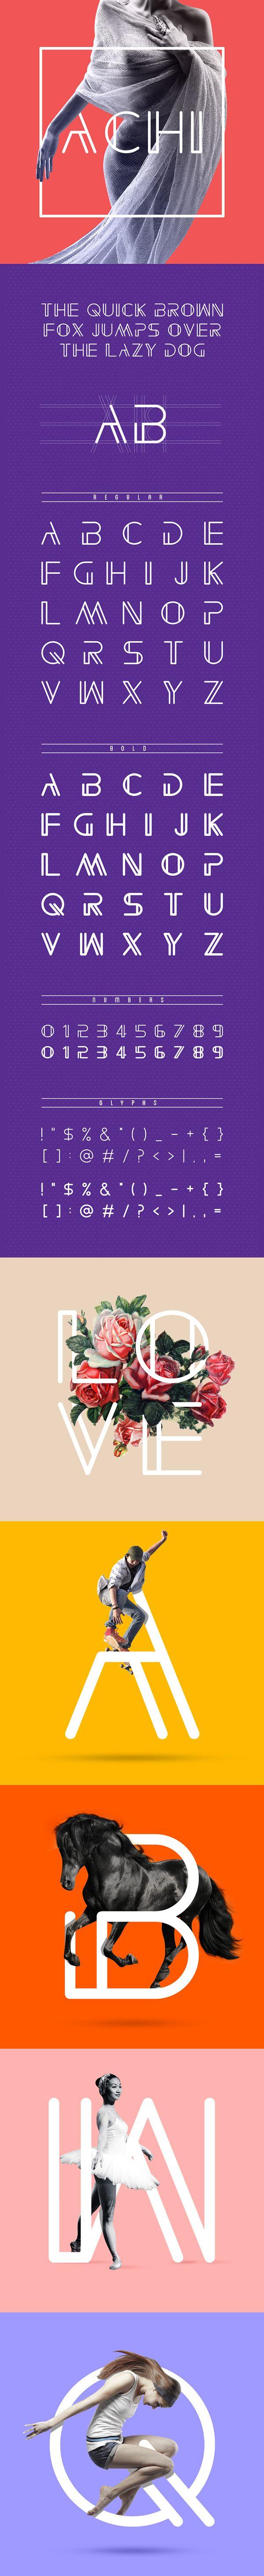 Des lettres az coloriage xpx coloriage enluminure lettre v page 2 car - Achi Font On Behance